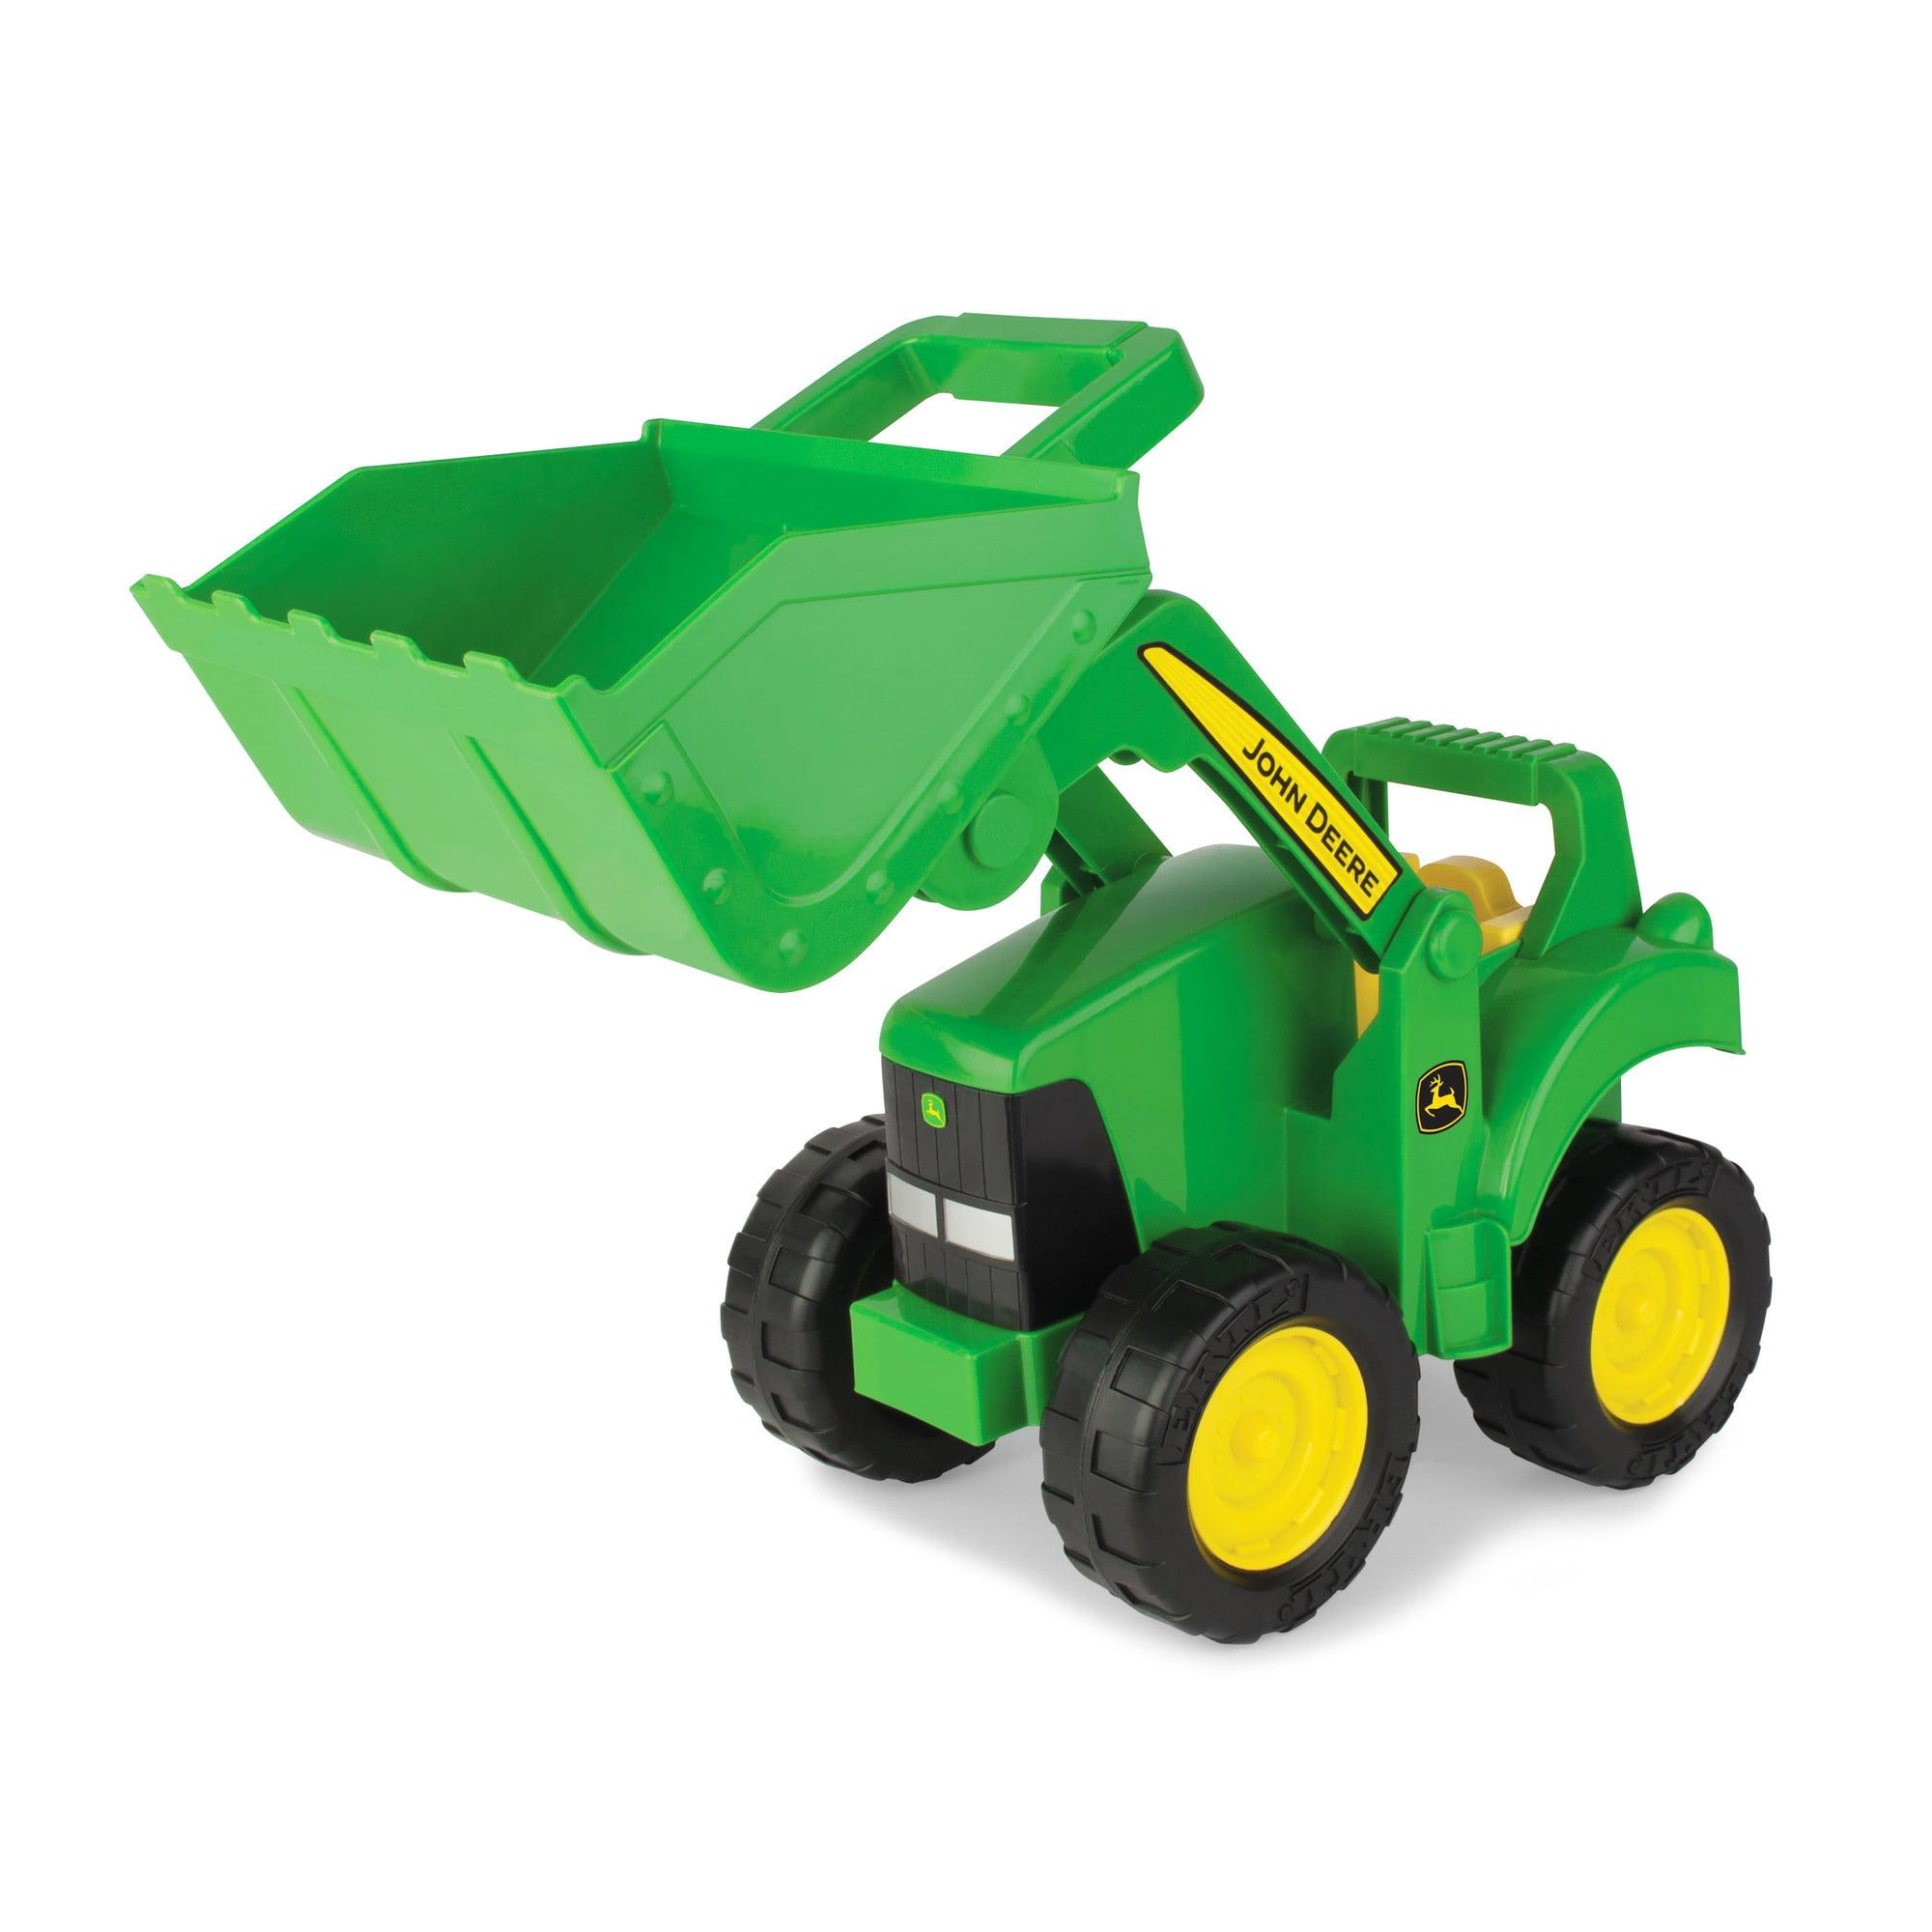 Tomy - John Deere Big Scoop Tractor